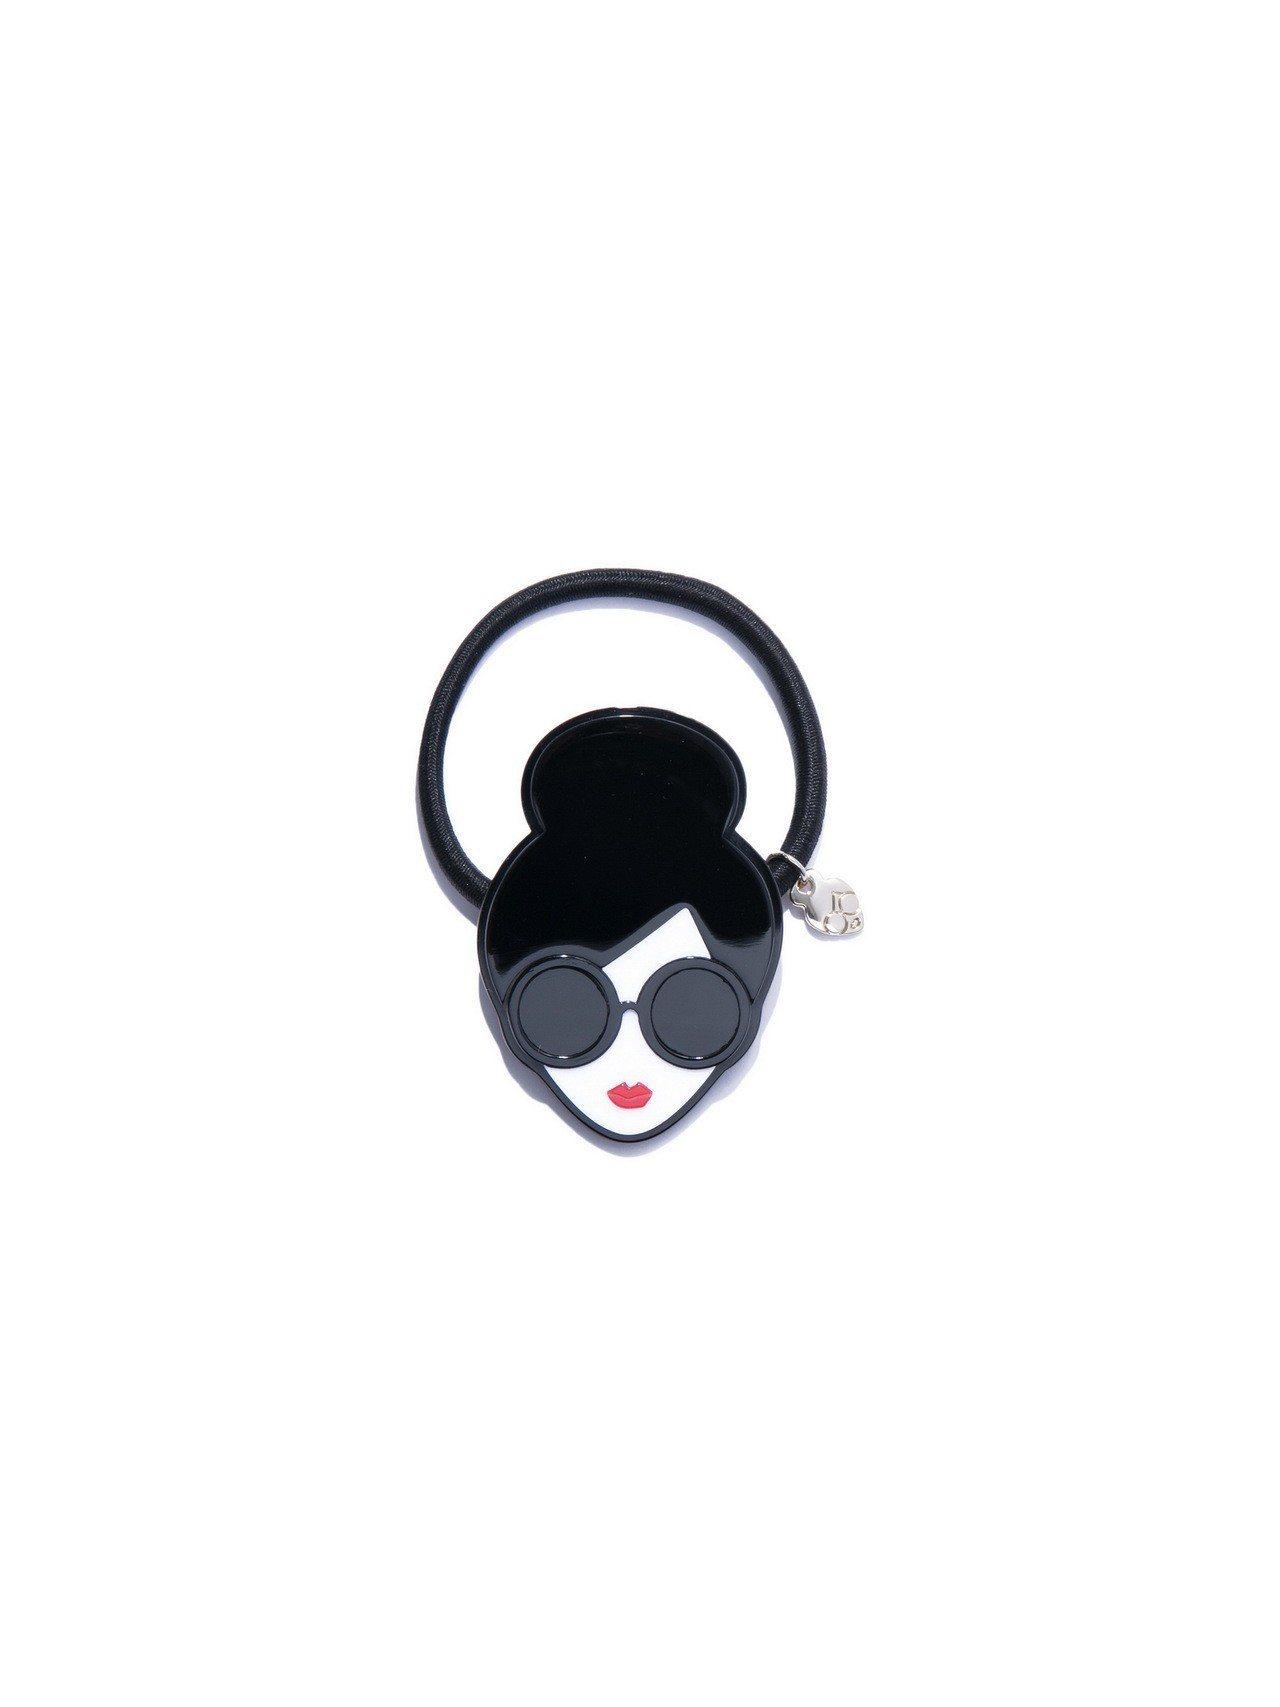 平面琺瑯Stace Face髮飾,1,700元。圖/Alice+Olivia提供